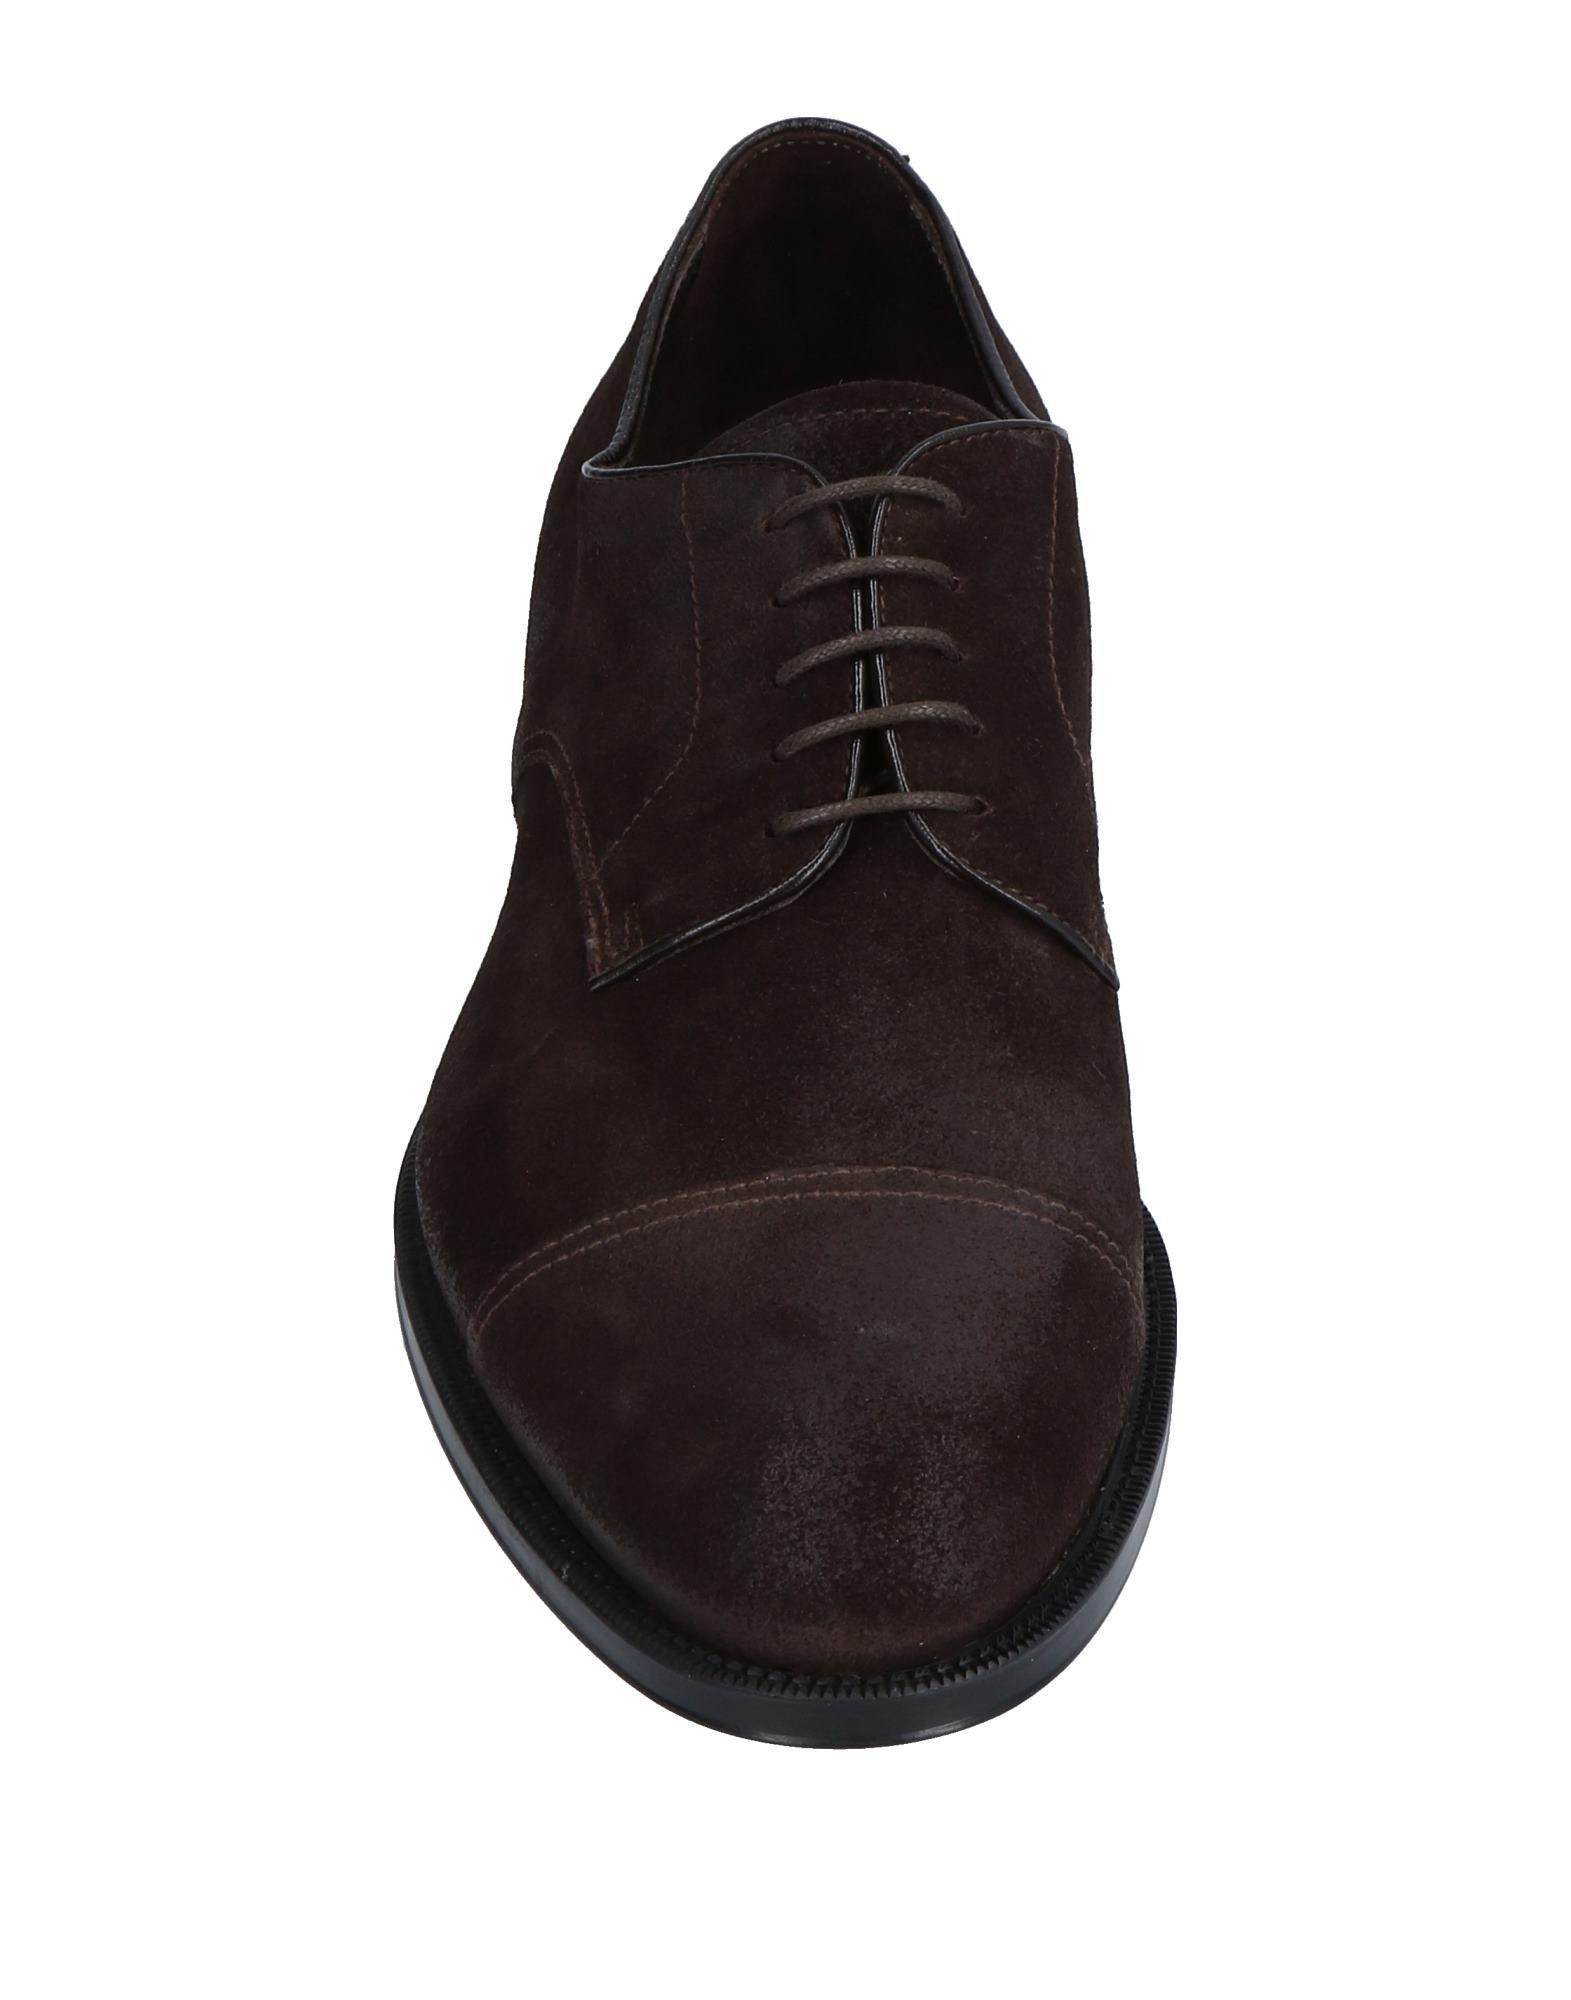 Doucal's Schnürschuhe Herren beliebte  11502156HG Gute Qualität beliebte Herren Schuhe 8457d3